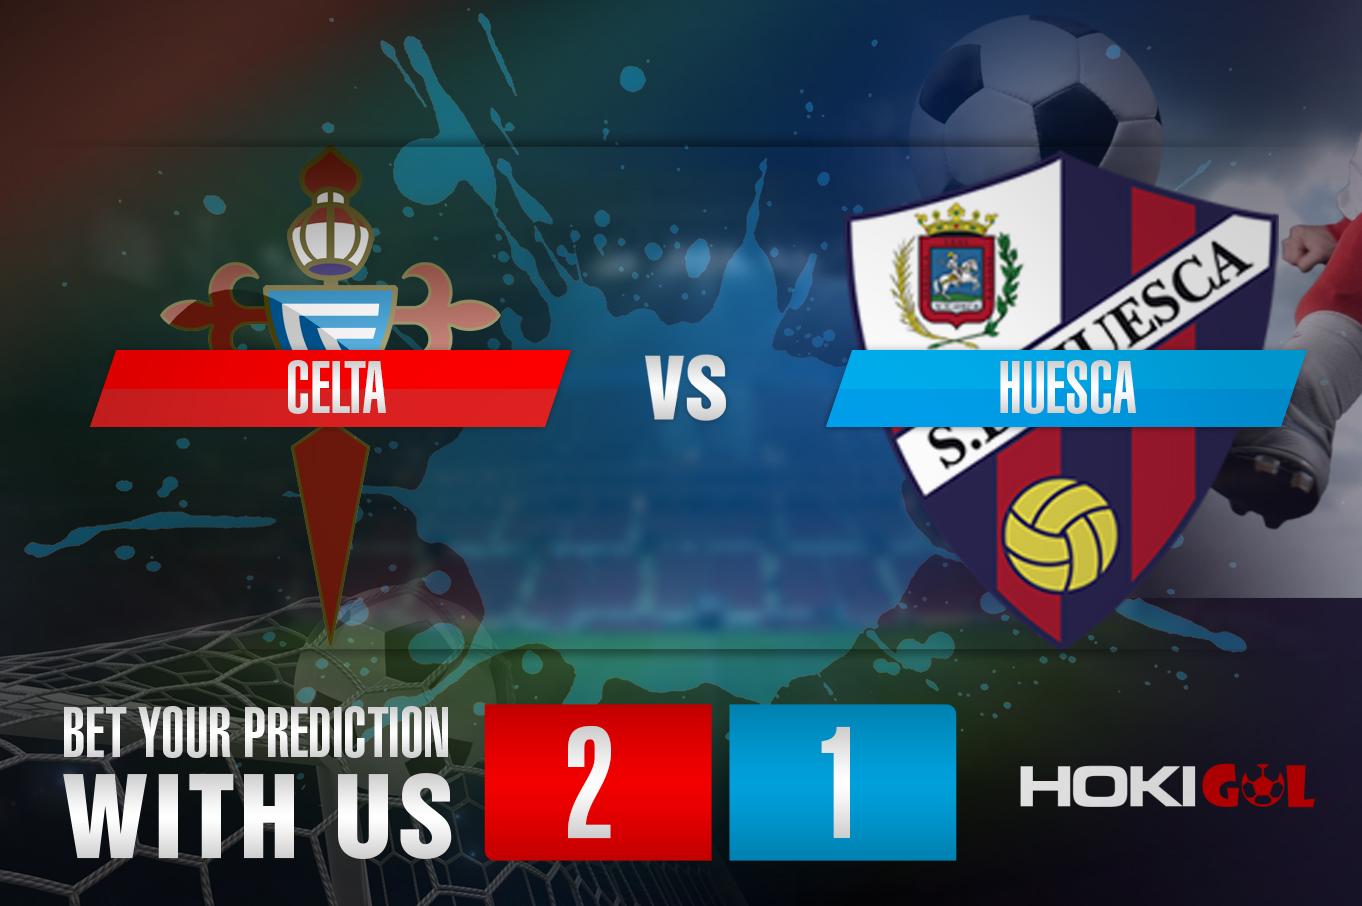 Prediksi Bola Celta Vs Huesca 31 Desember 2020